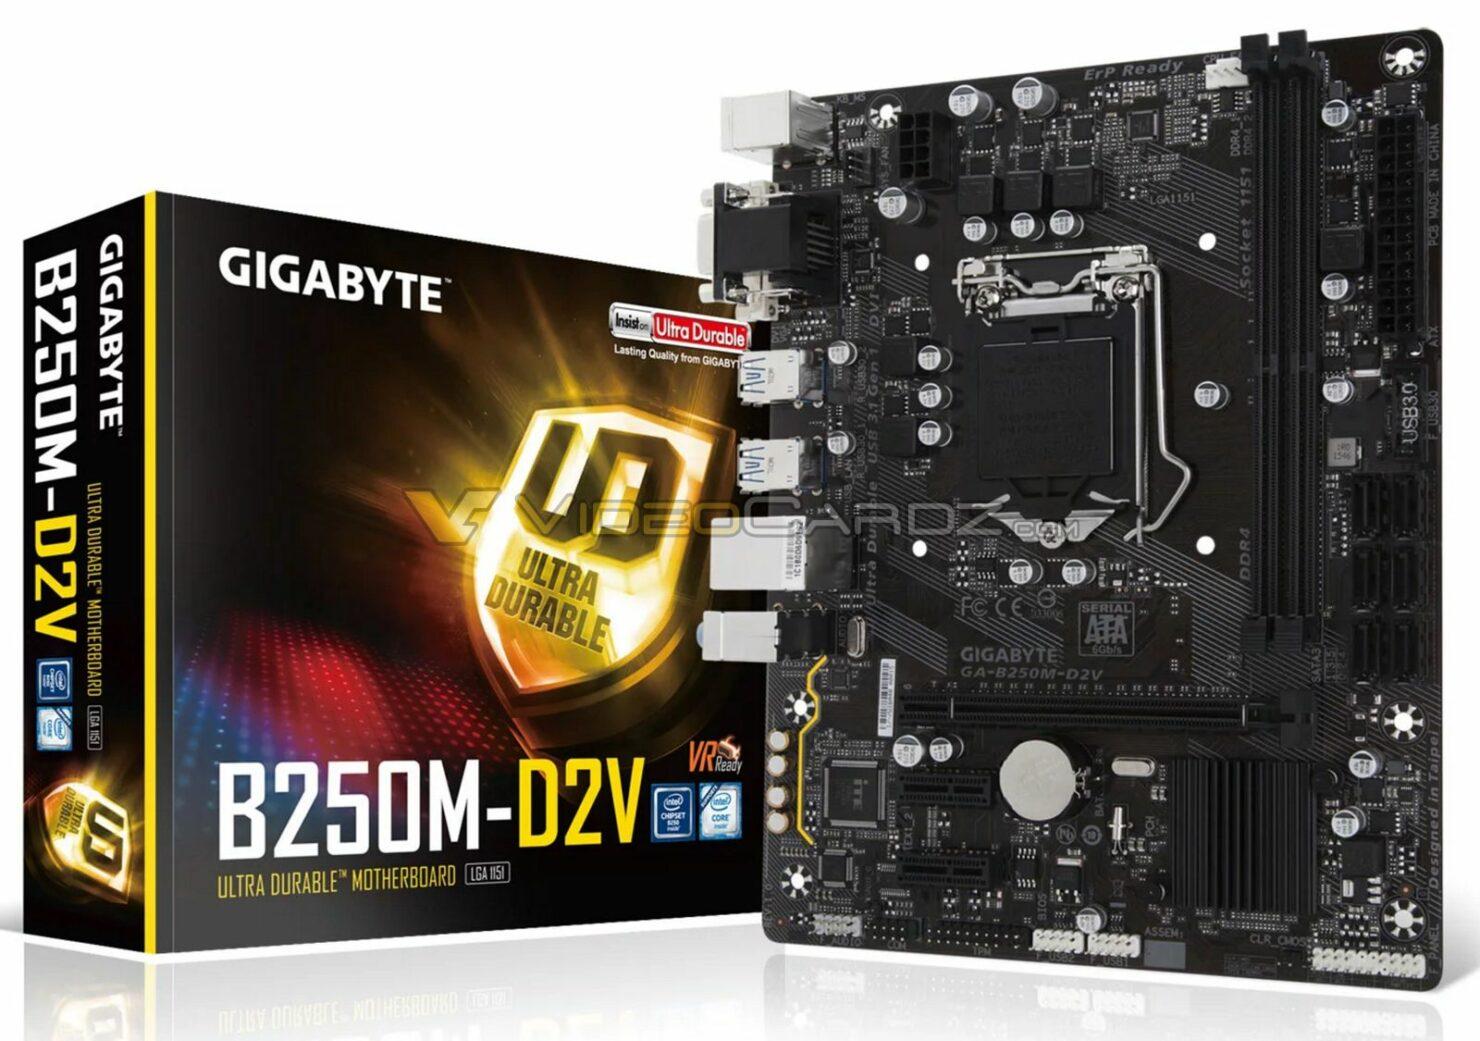 gigabyte-b250m-d2v